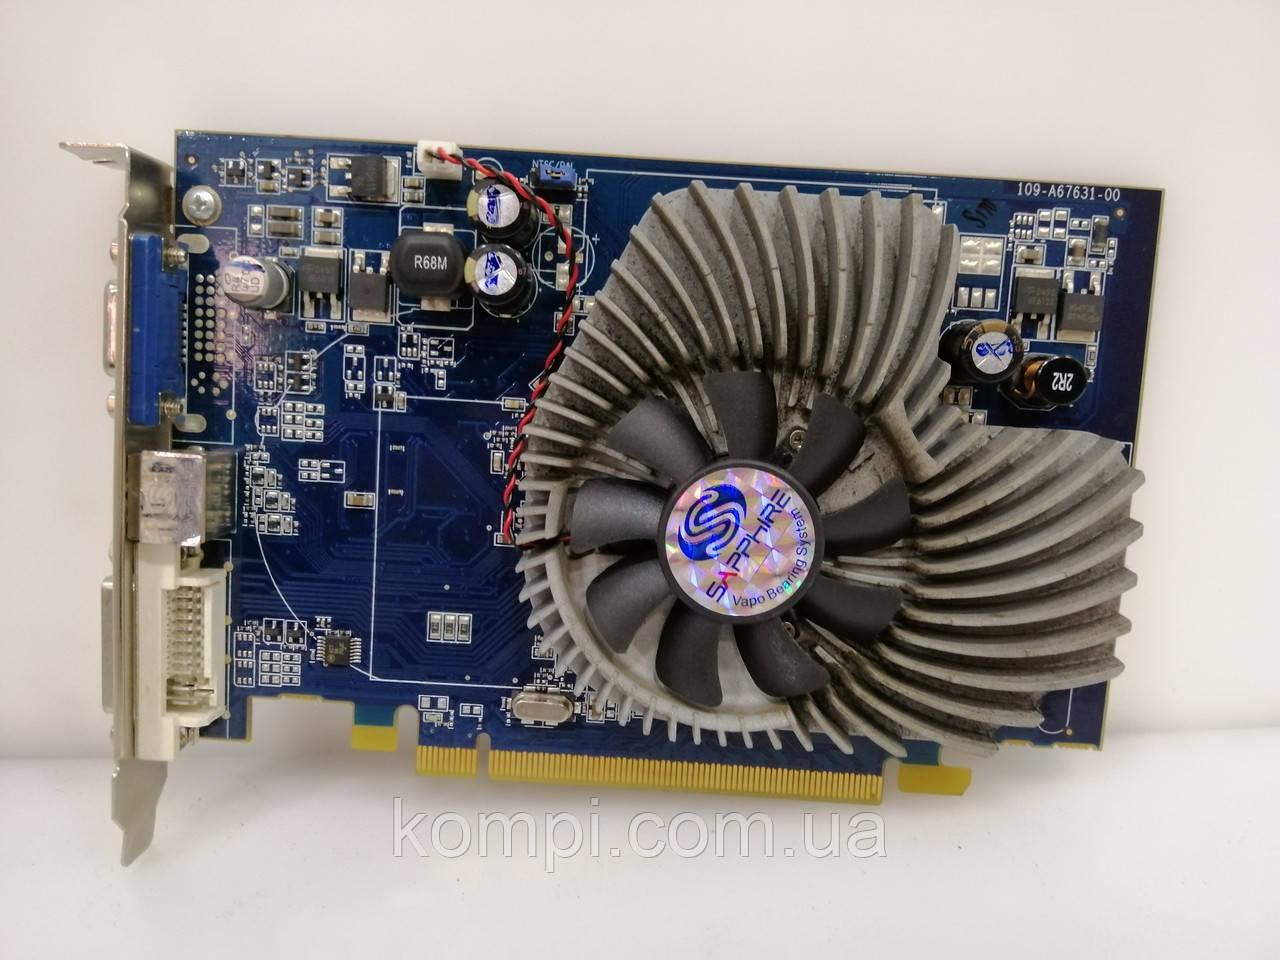 Видеокарта ATI RADEON X1600pro 512MB PCI-E